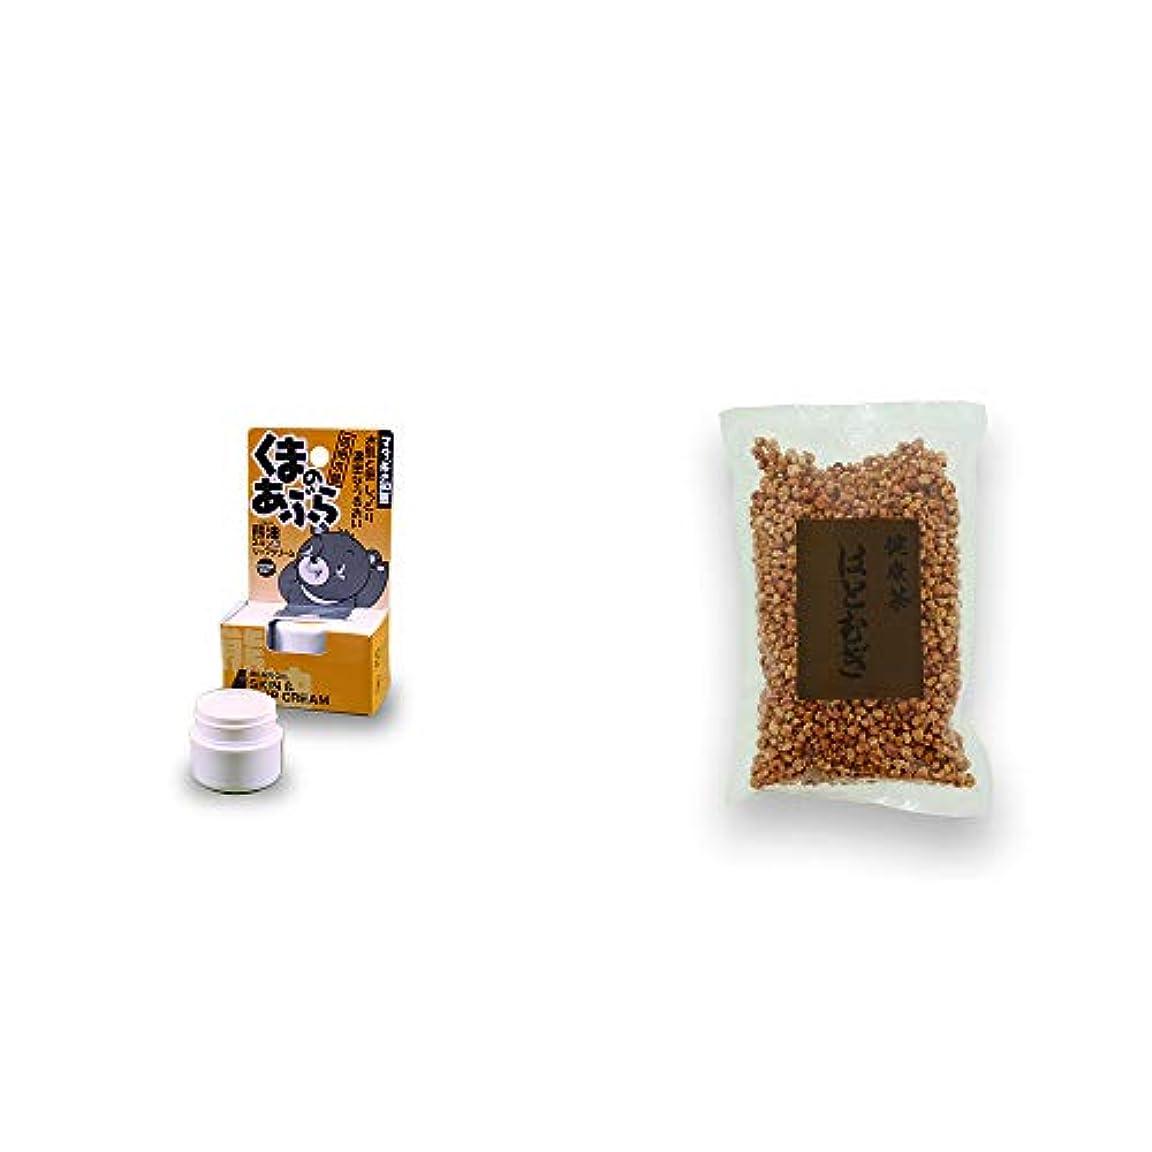 クマノミ報復する正当な[2点セット] 信州木曽 くまのあぶら 熊油スキン&リップクリーム(9g)?健康茶 はとむぎ(200g)